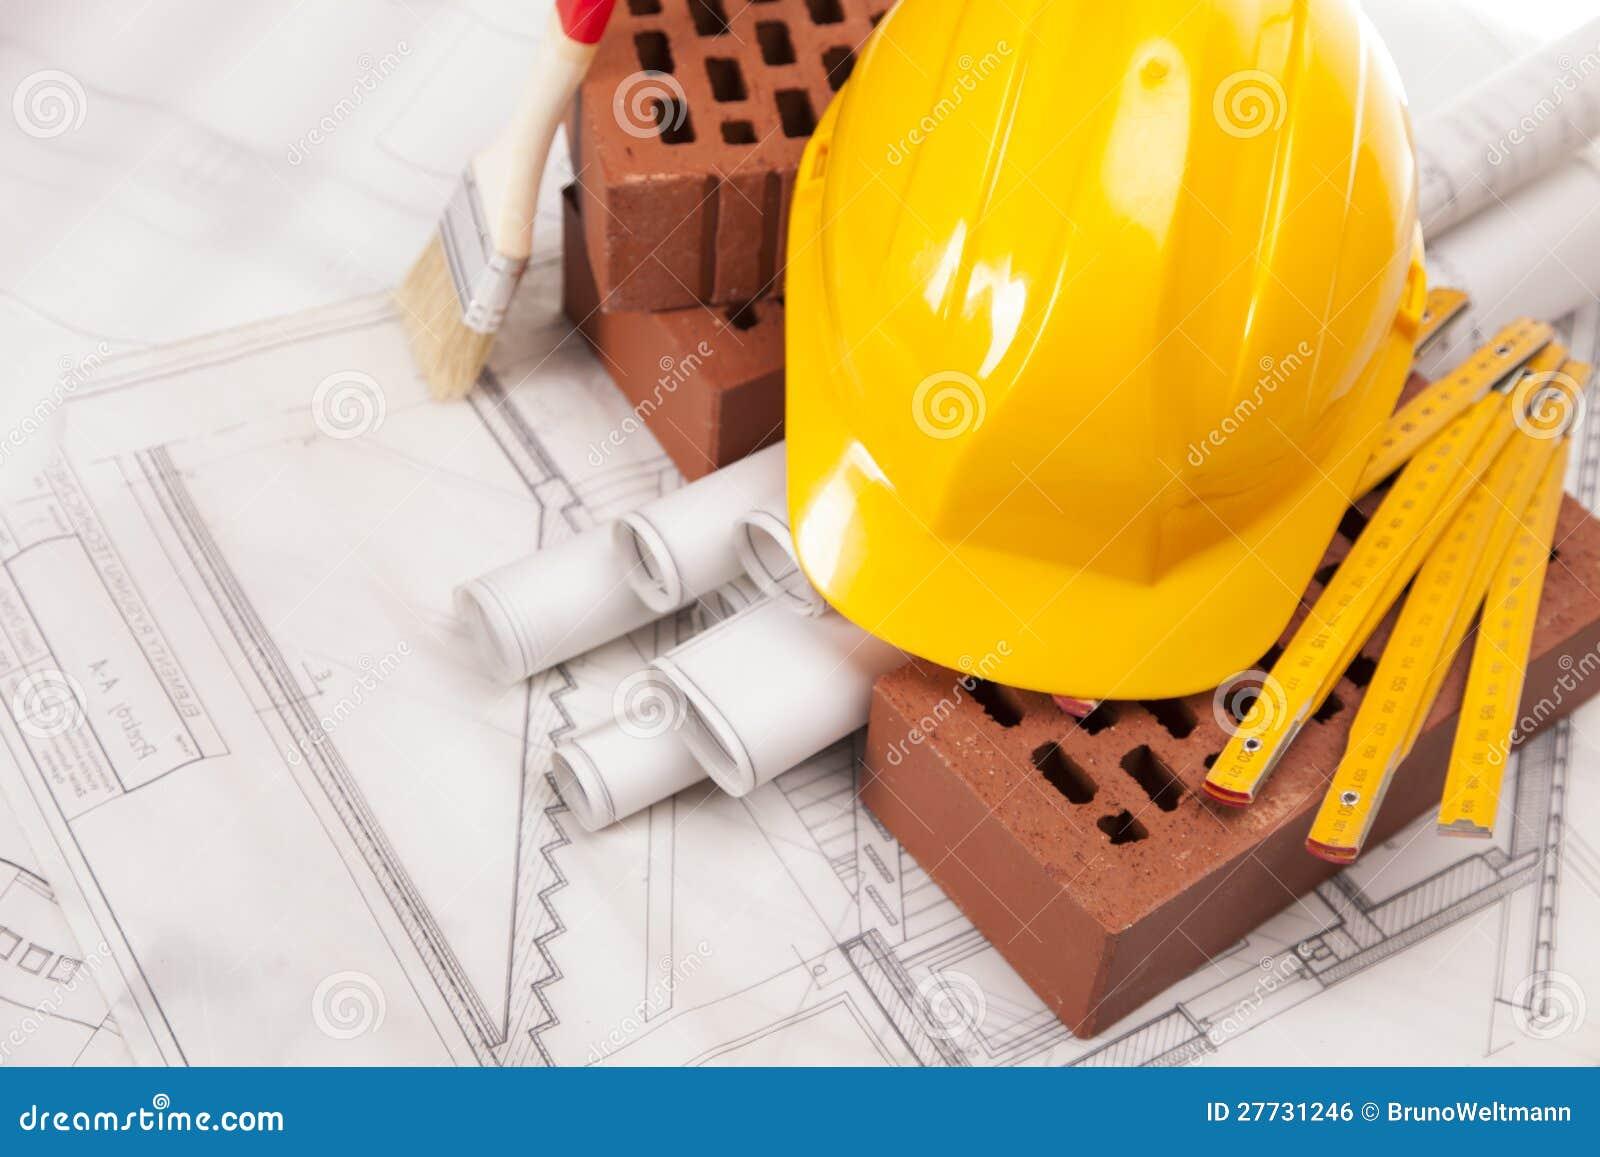 Gebäude und Baugeräte auf weißen Plänen